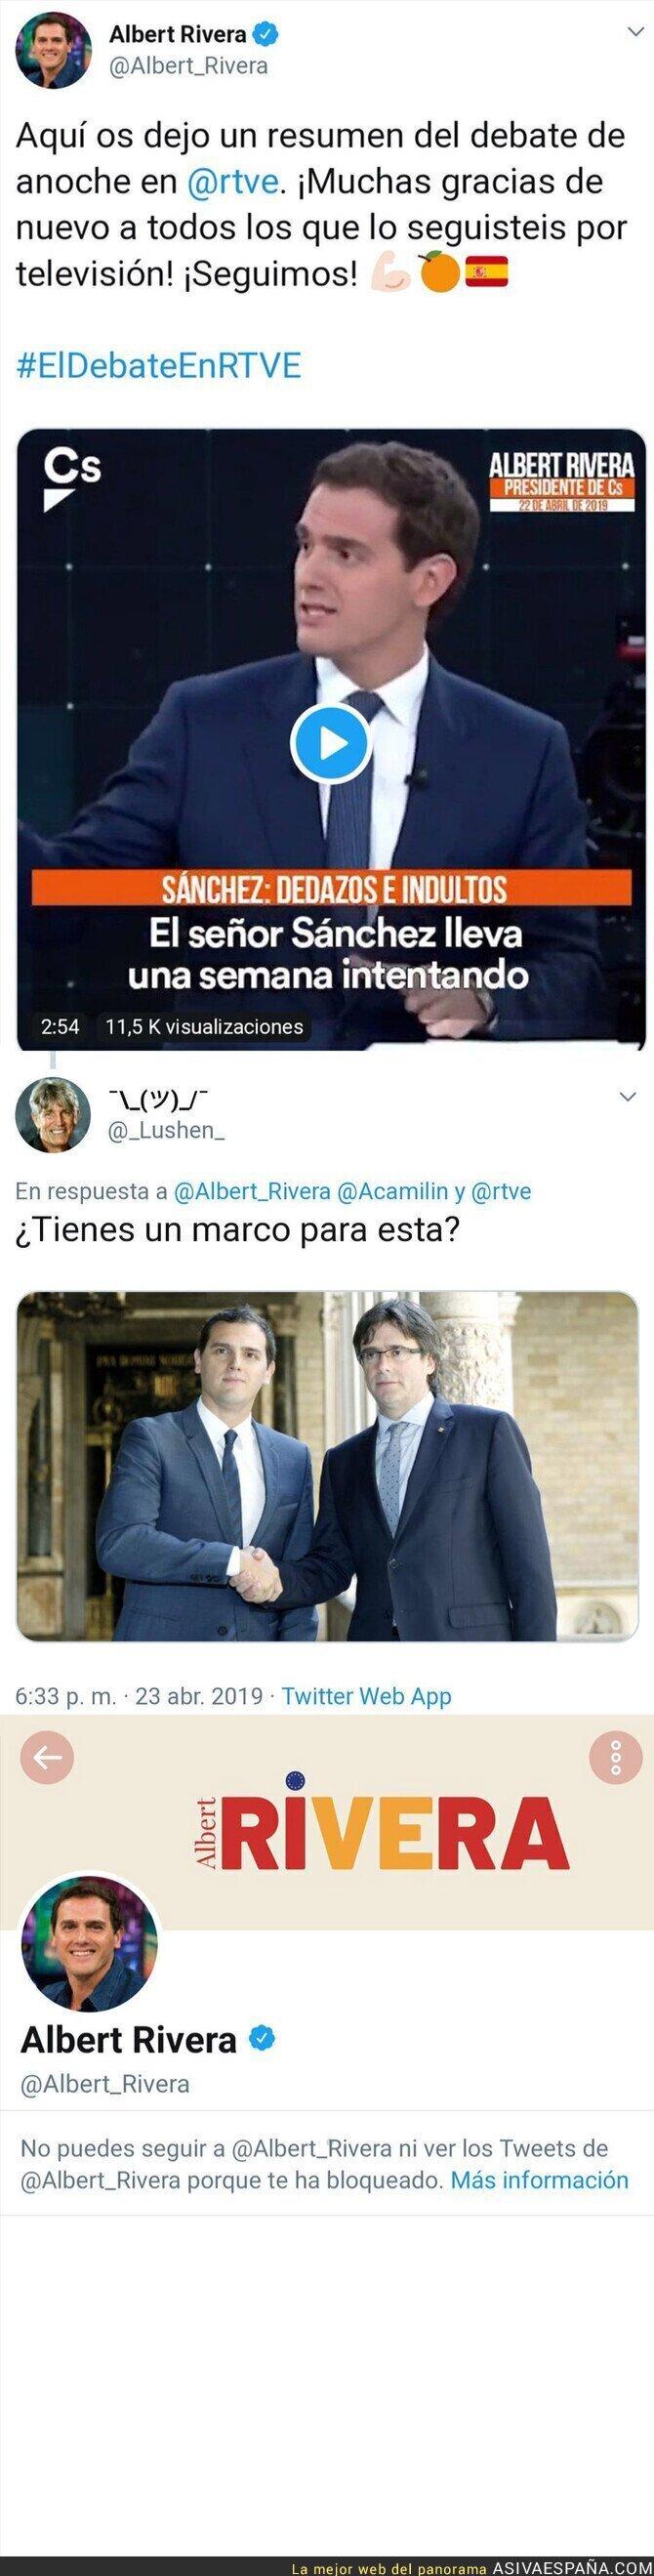 110231 - Esto es lo que le ha hecho Albert Rivera a un usuario de Twitter al recordarle que él tiene foto con Carles Puigdemont